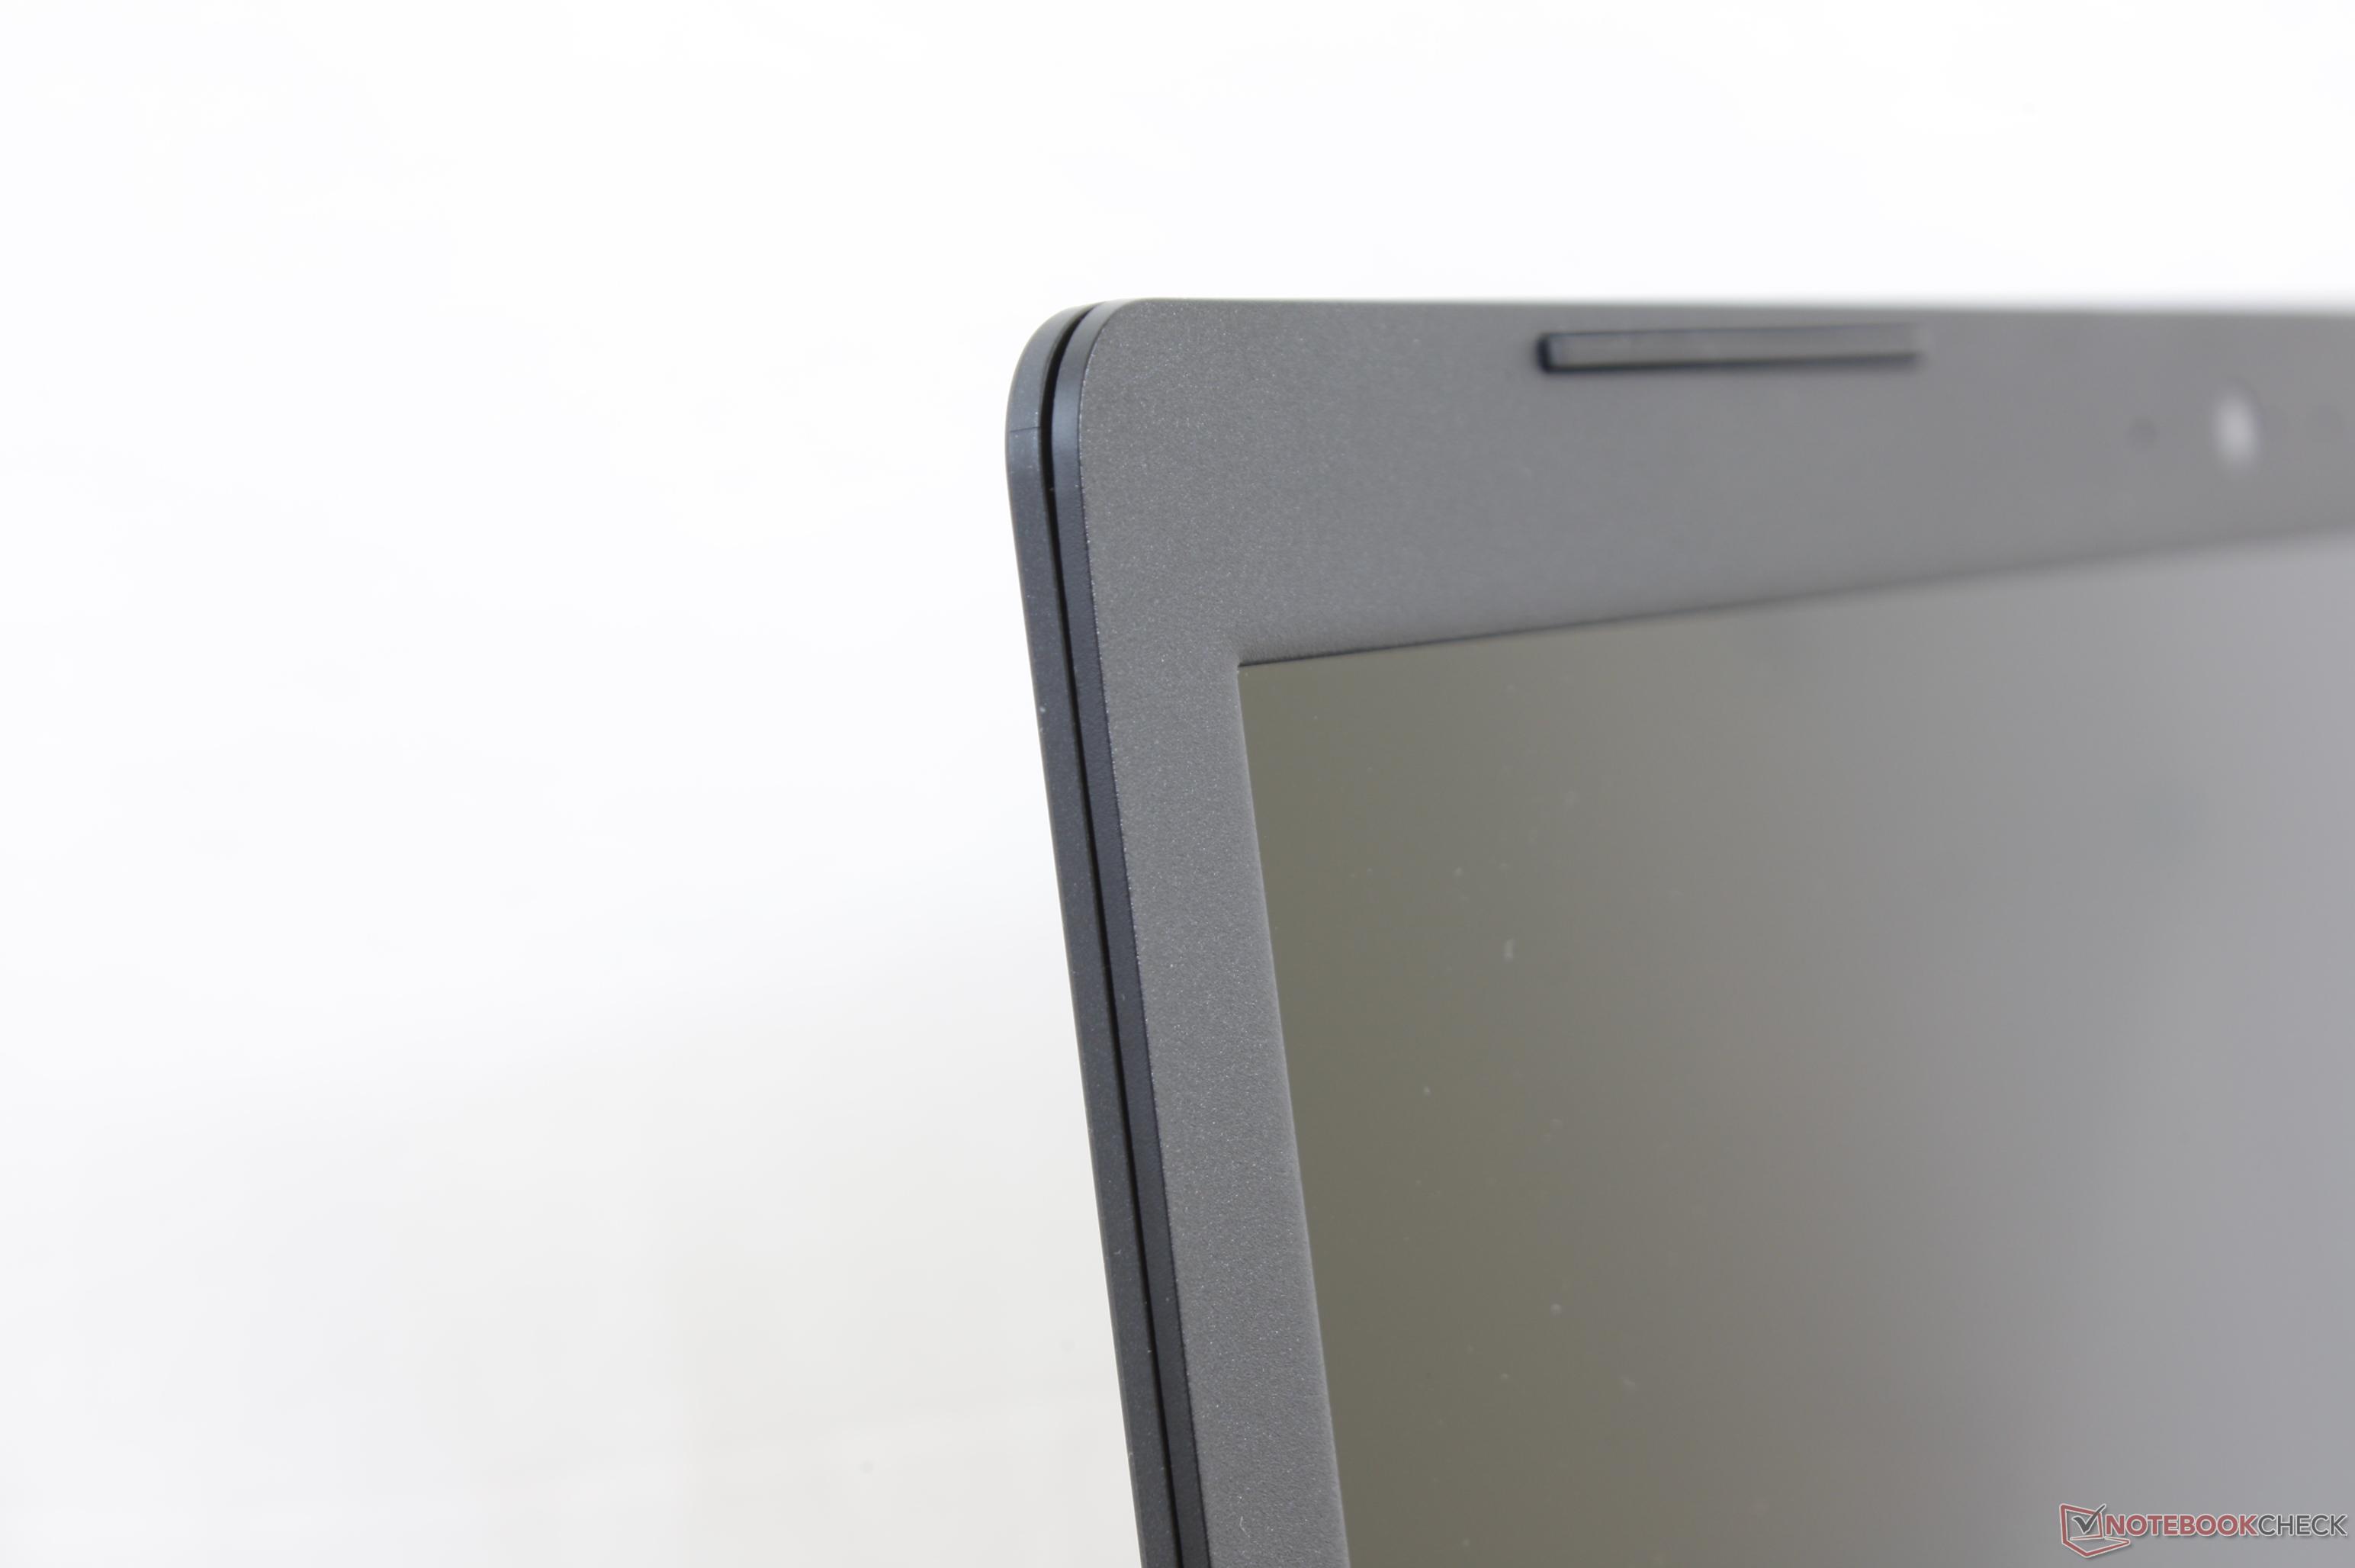 Ноутбук Dell G3 15 3579 (i5-8300H, GTX 1050, FHD)  Обзор от